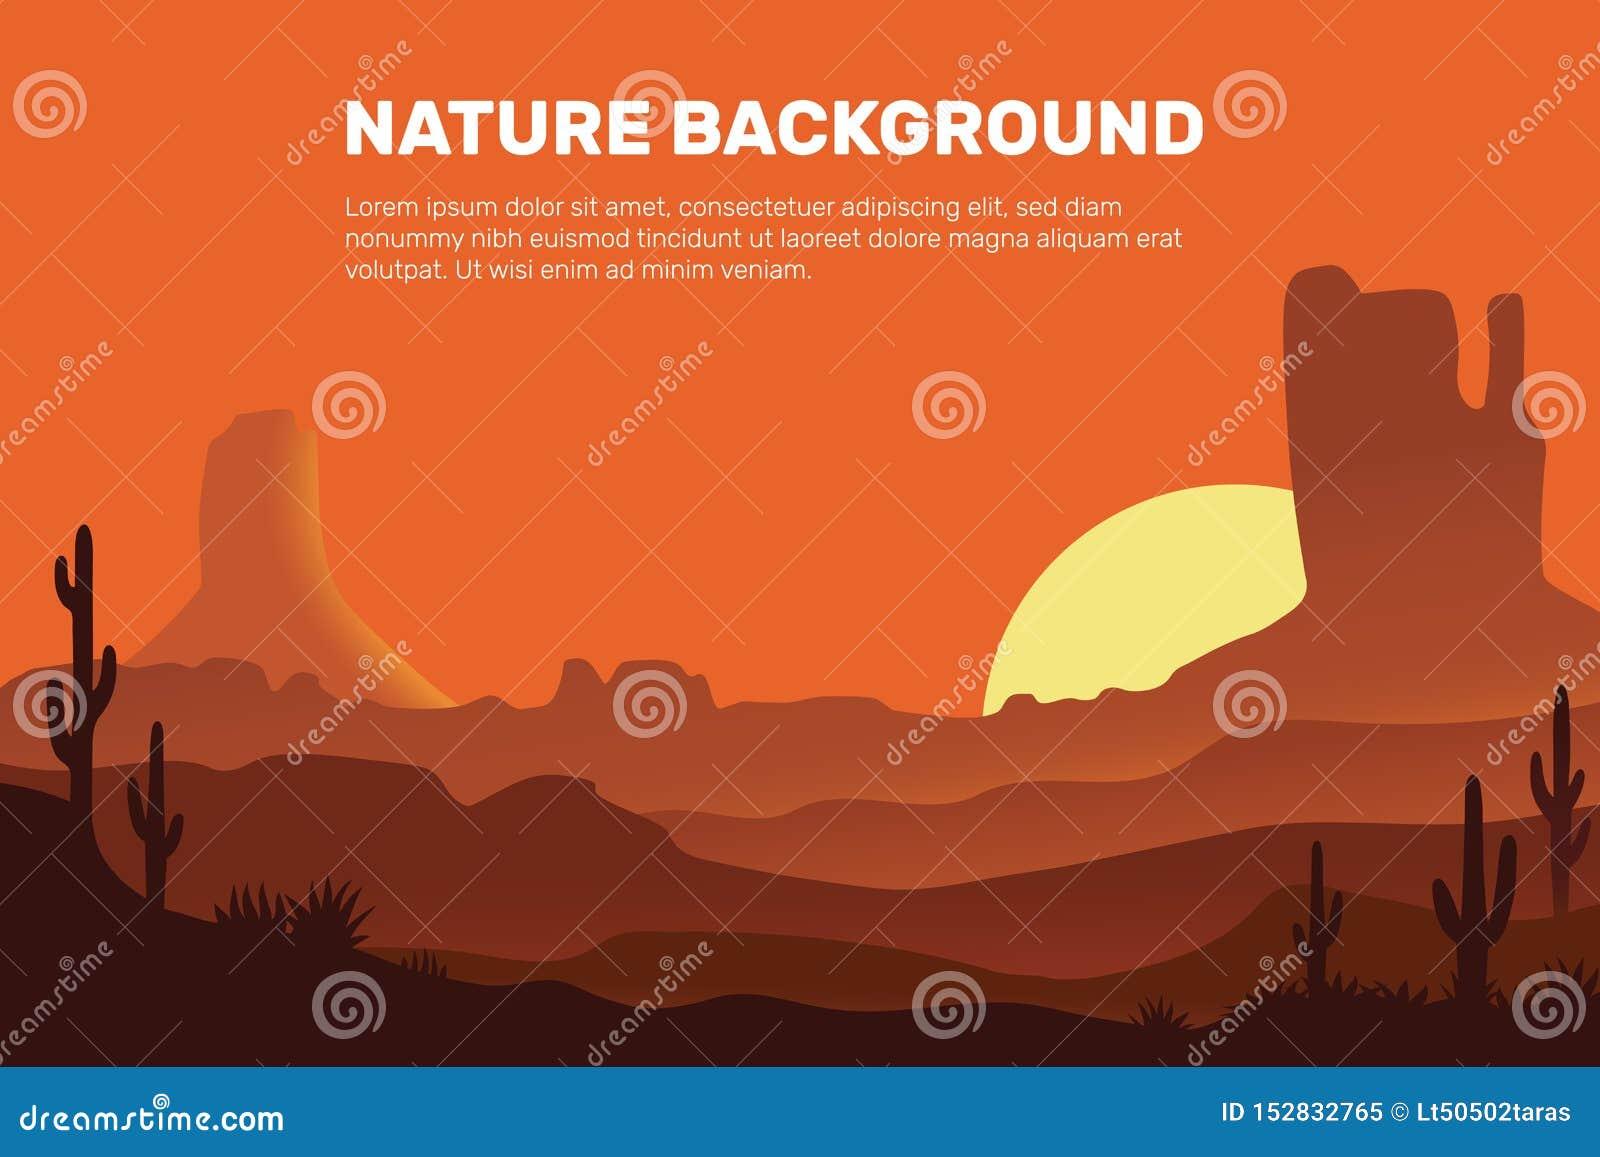 Vectorachtergrond die van de woestijn, uit de zon, het zand, de bergen en de cactus bestaan